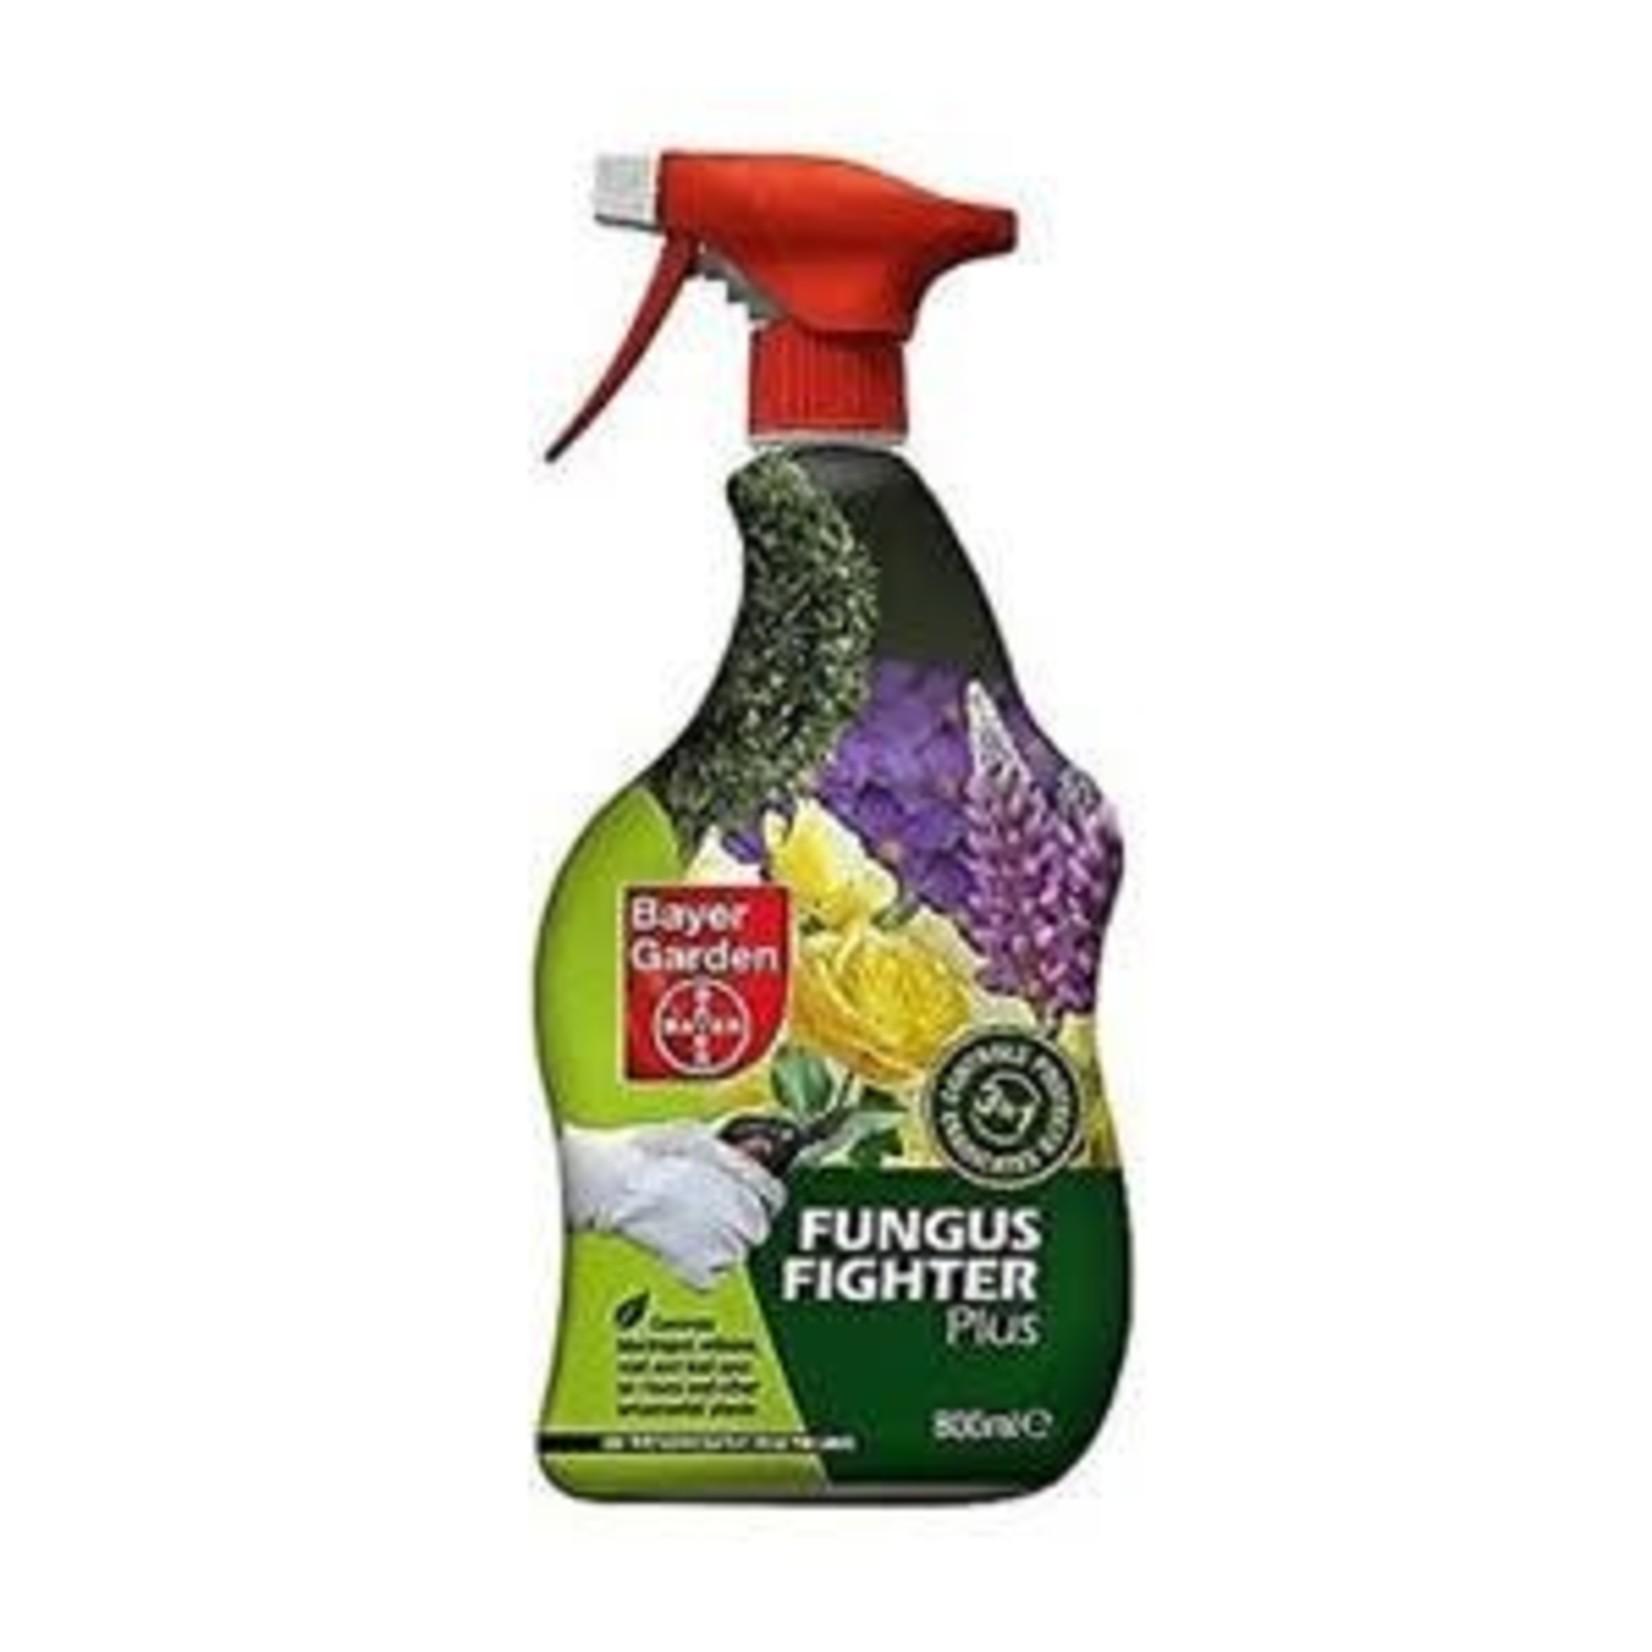 Bayer Garden BAYER GARDEN FUNGUS FIGHTER PLUS - READY TO USE 800ML